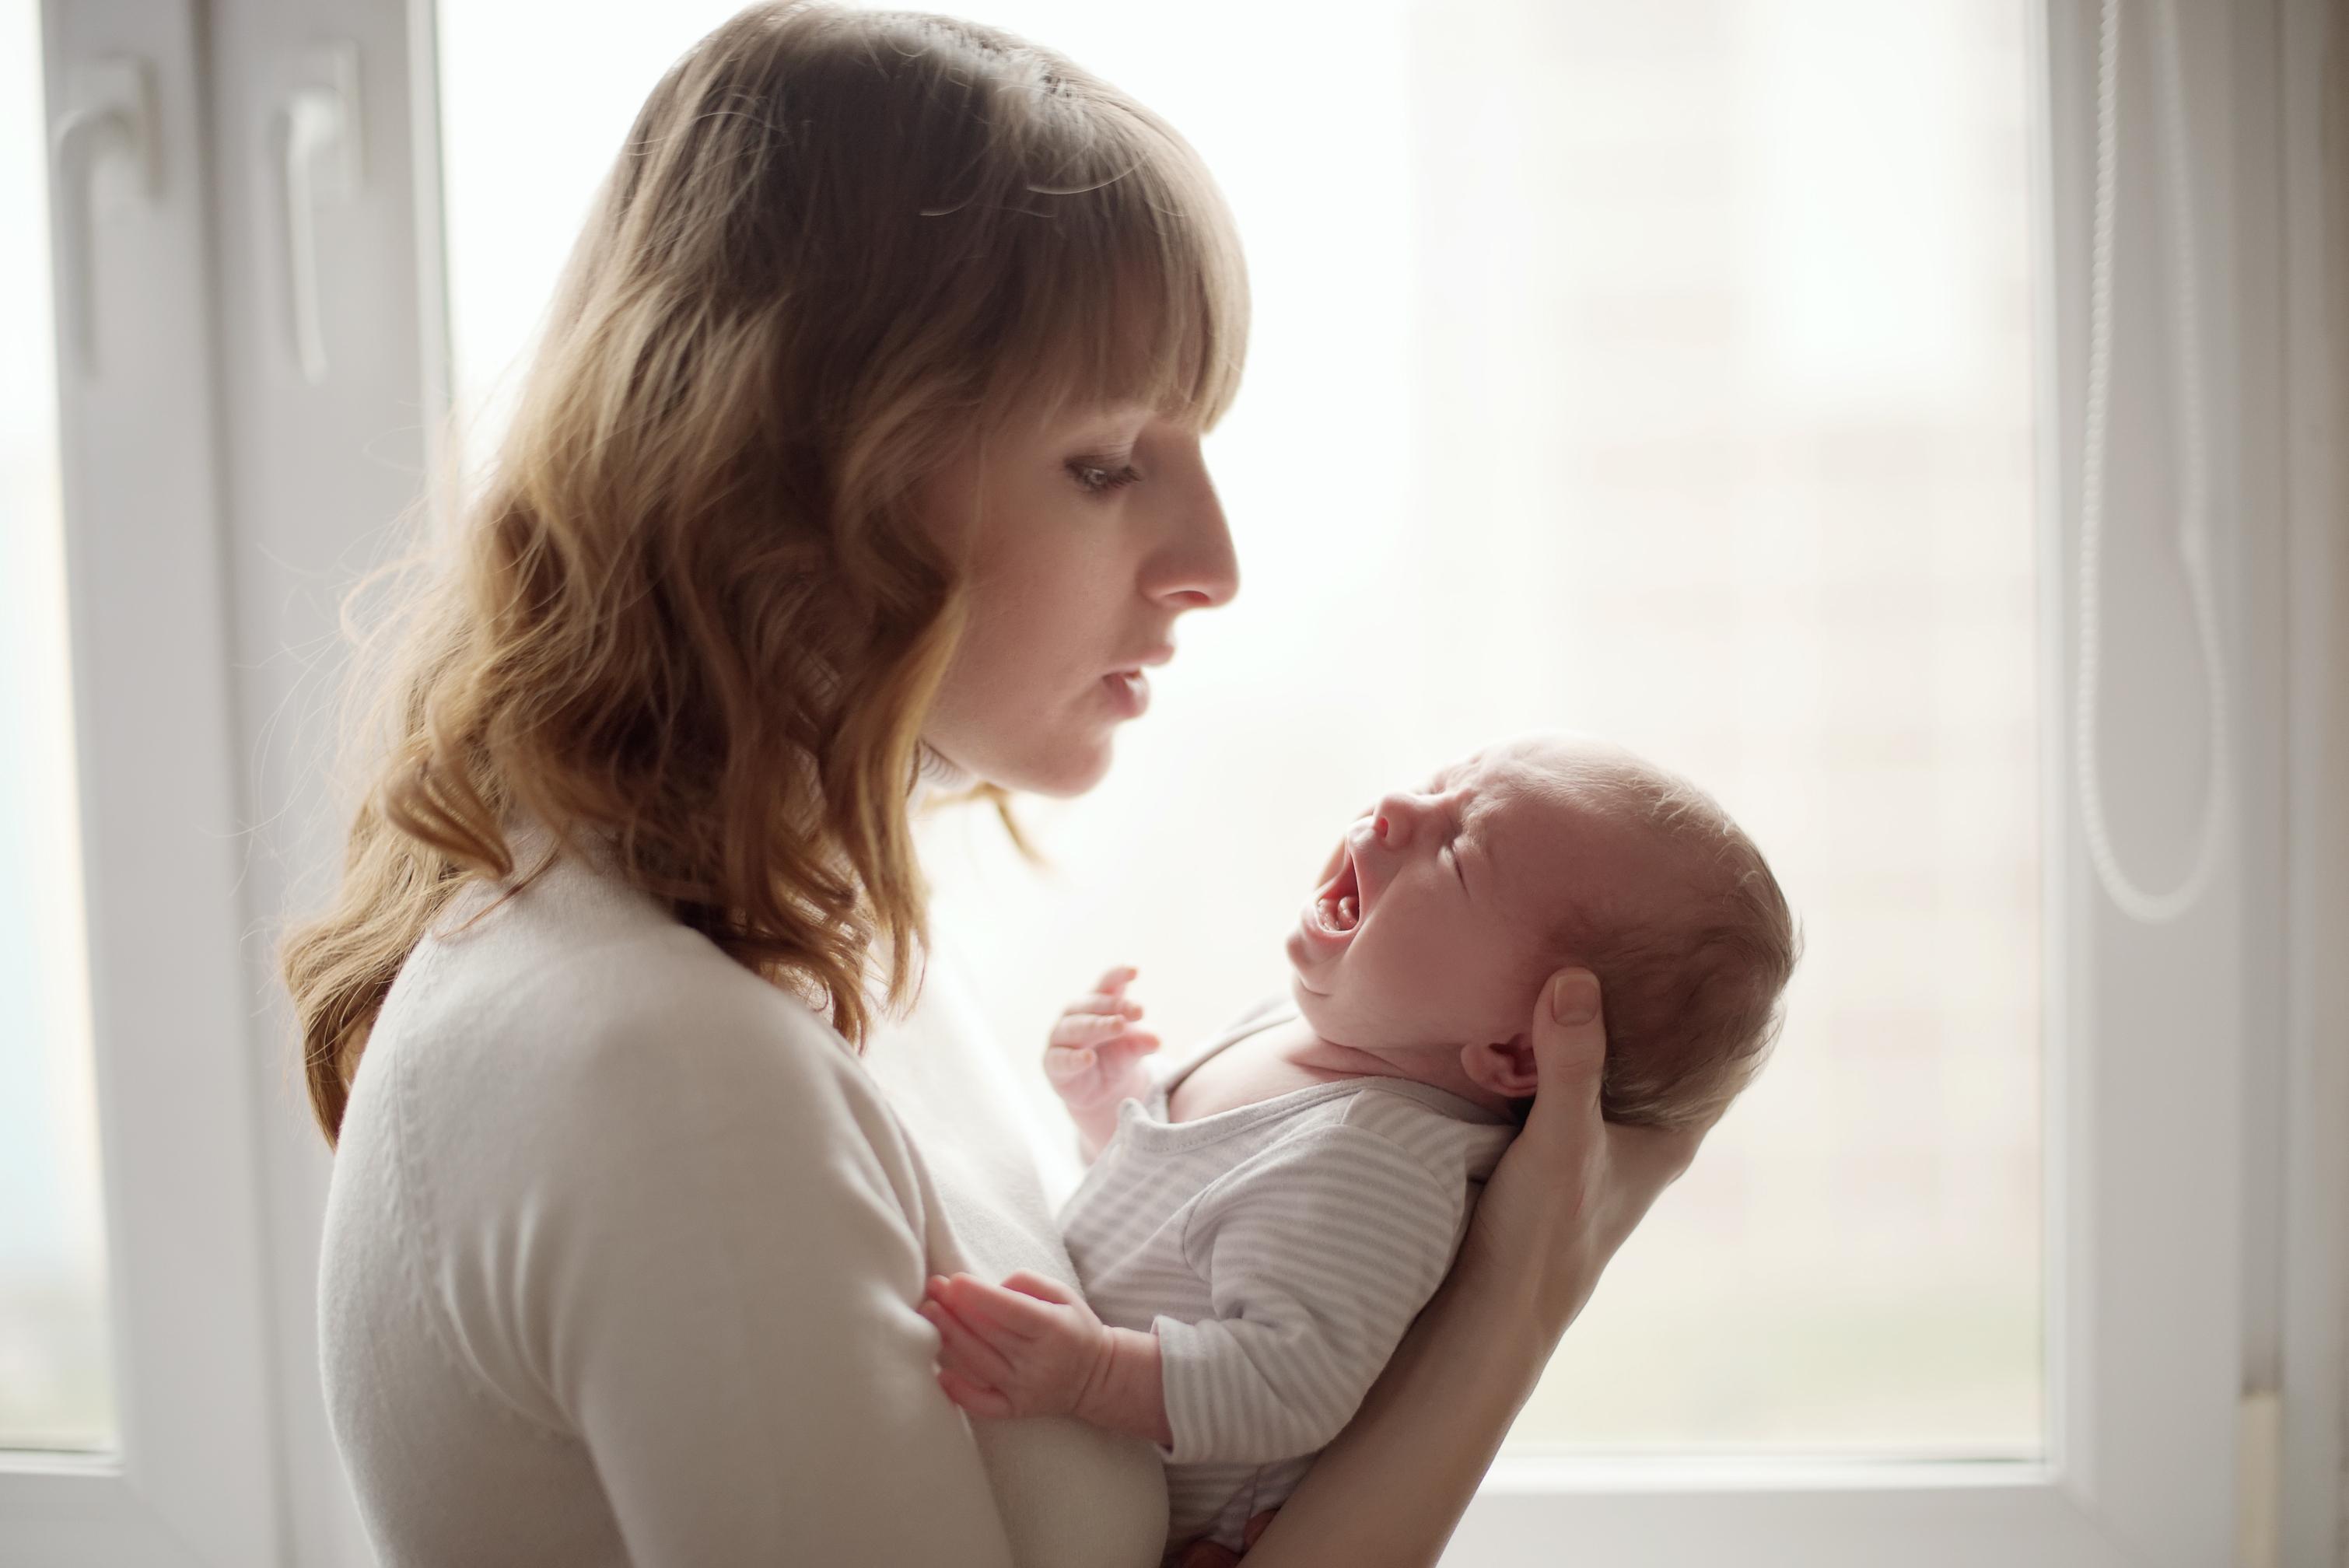 Madre intentando calmar el llanto de su bebé de alta demanda